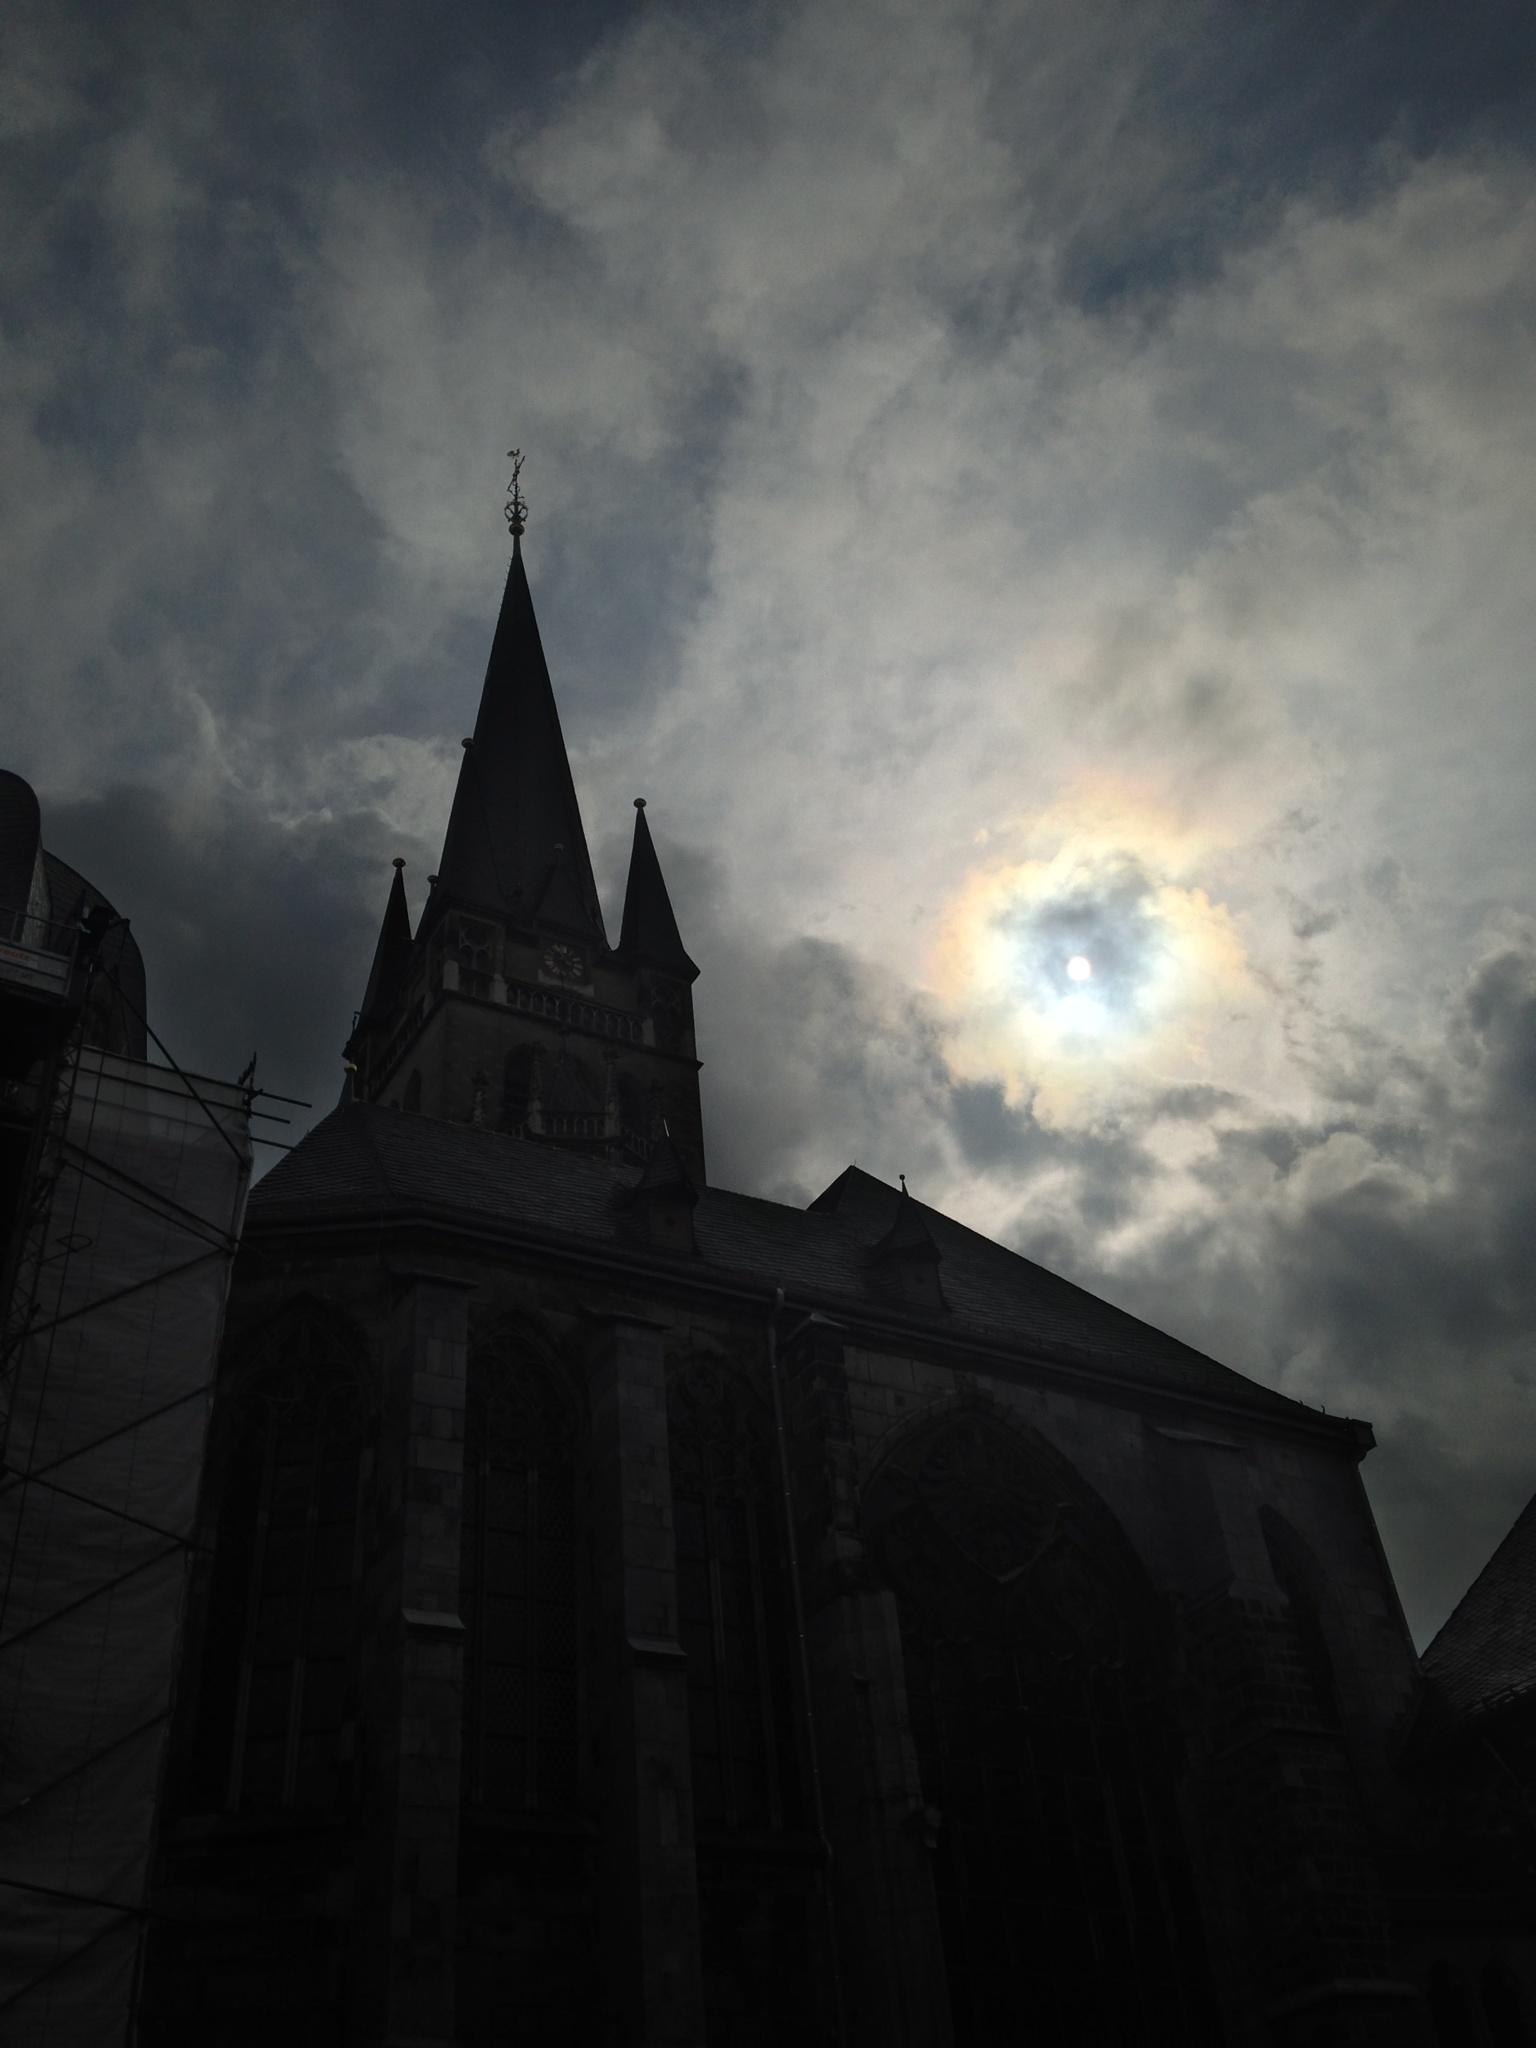 Cathedrale Aix la Chapelle by gabrielehelenebittner